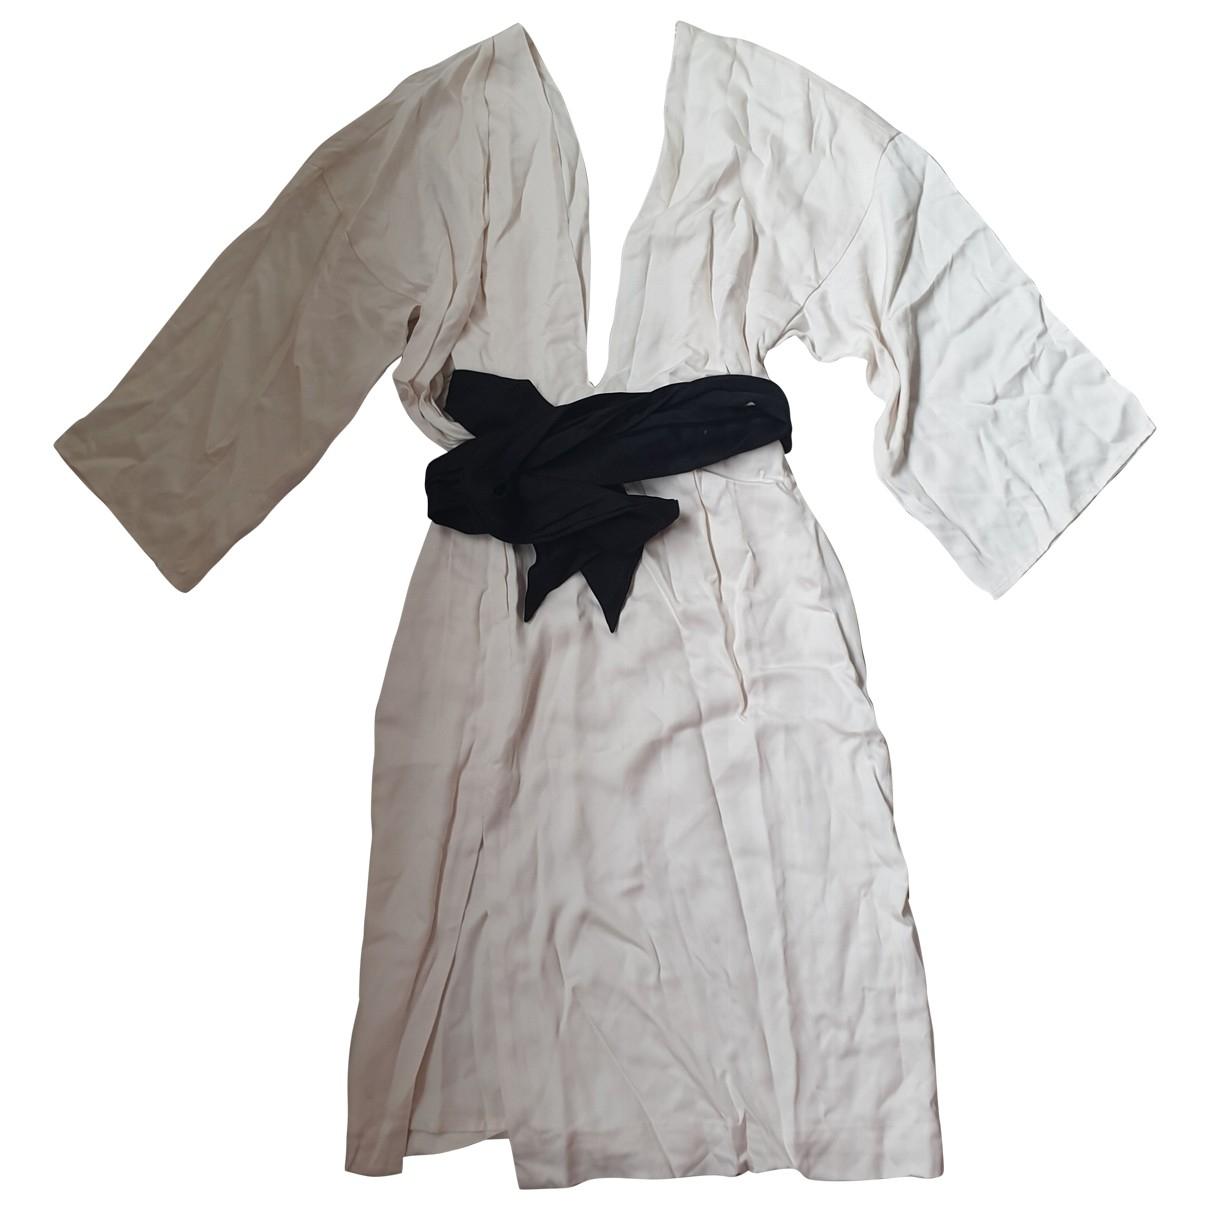 Hm Conscious Exclusive - Robe   pour femme en coton - blanc